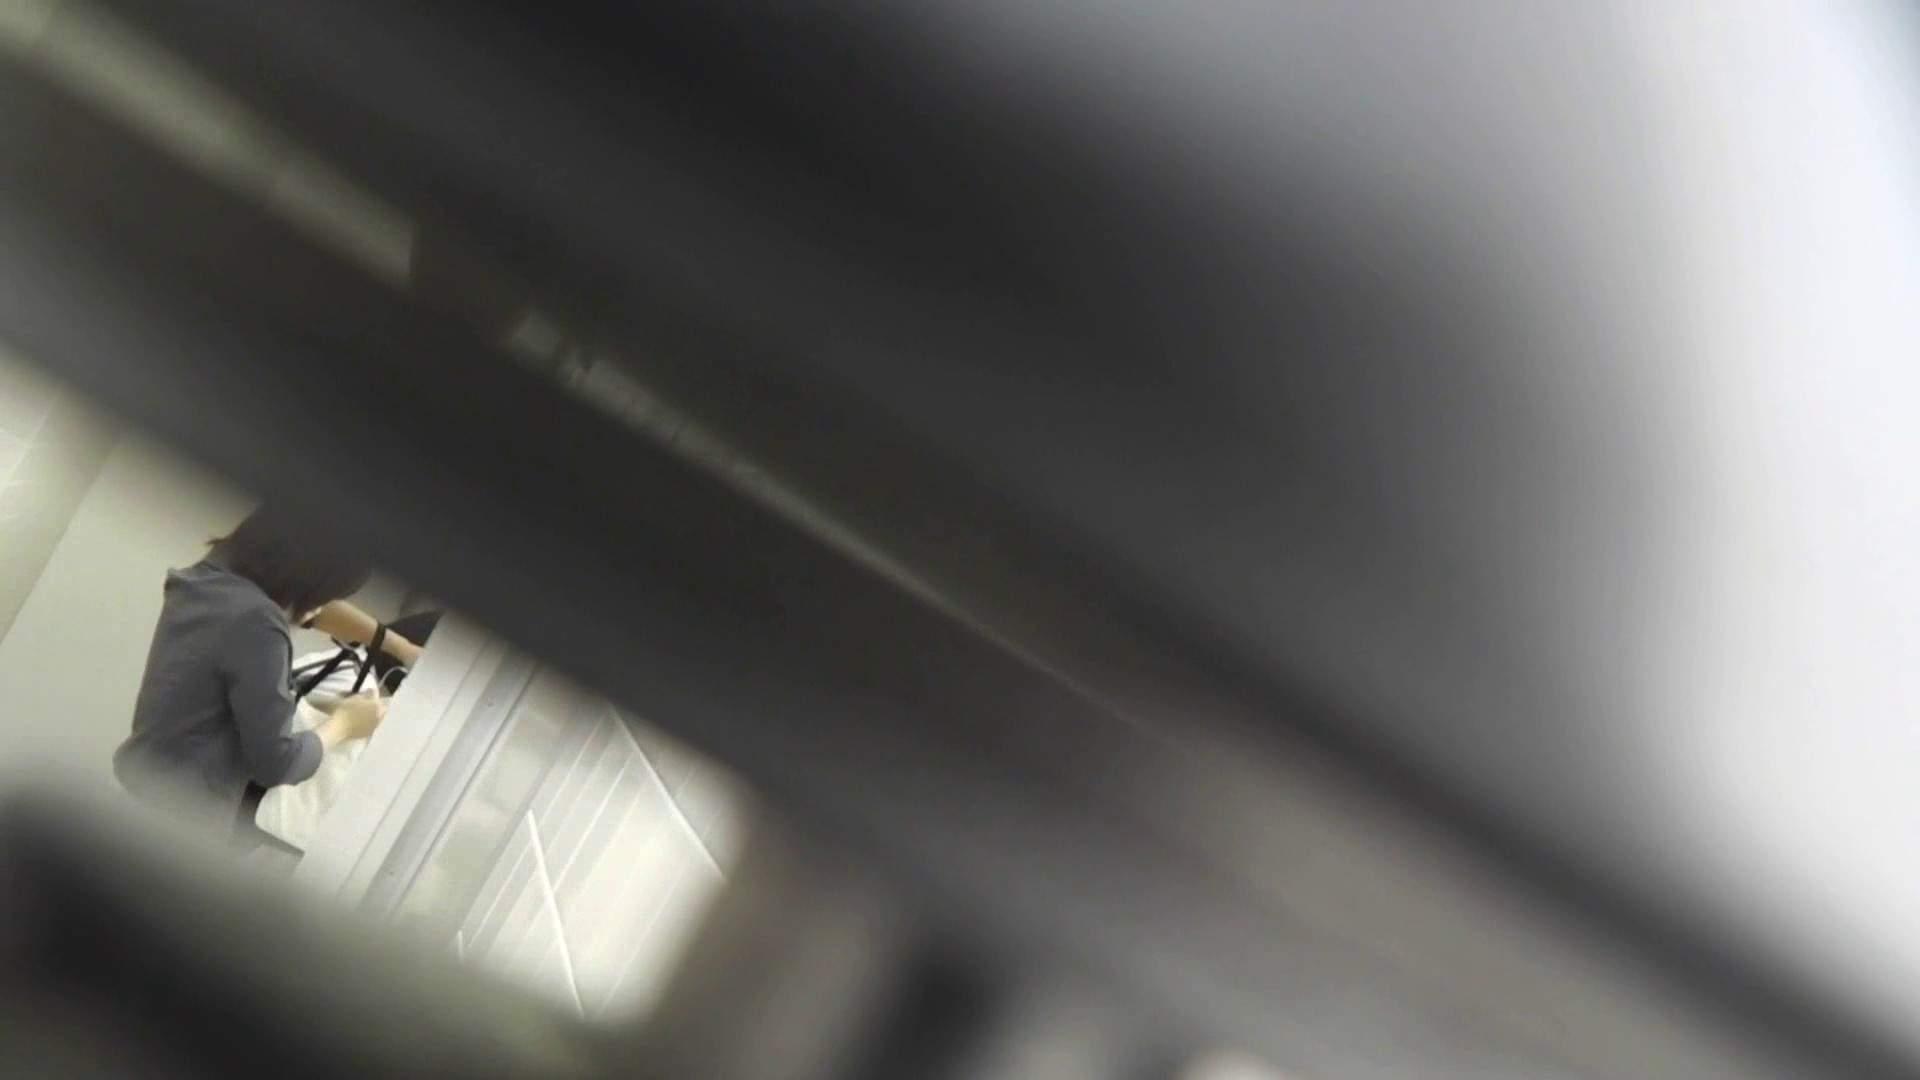 vol.25三十時間潜り、一つしか出会えない完璧桃尻編 byお銀 洗面所のぞき   高画質  106枚 79